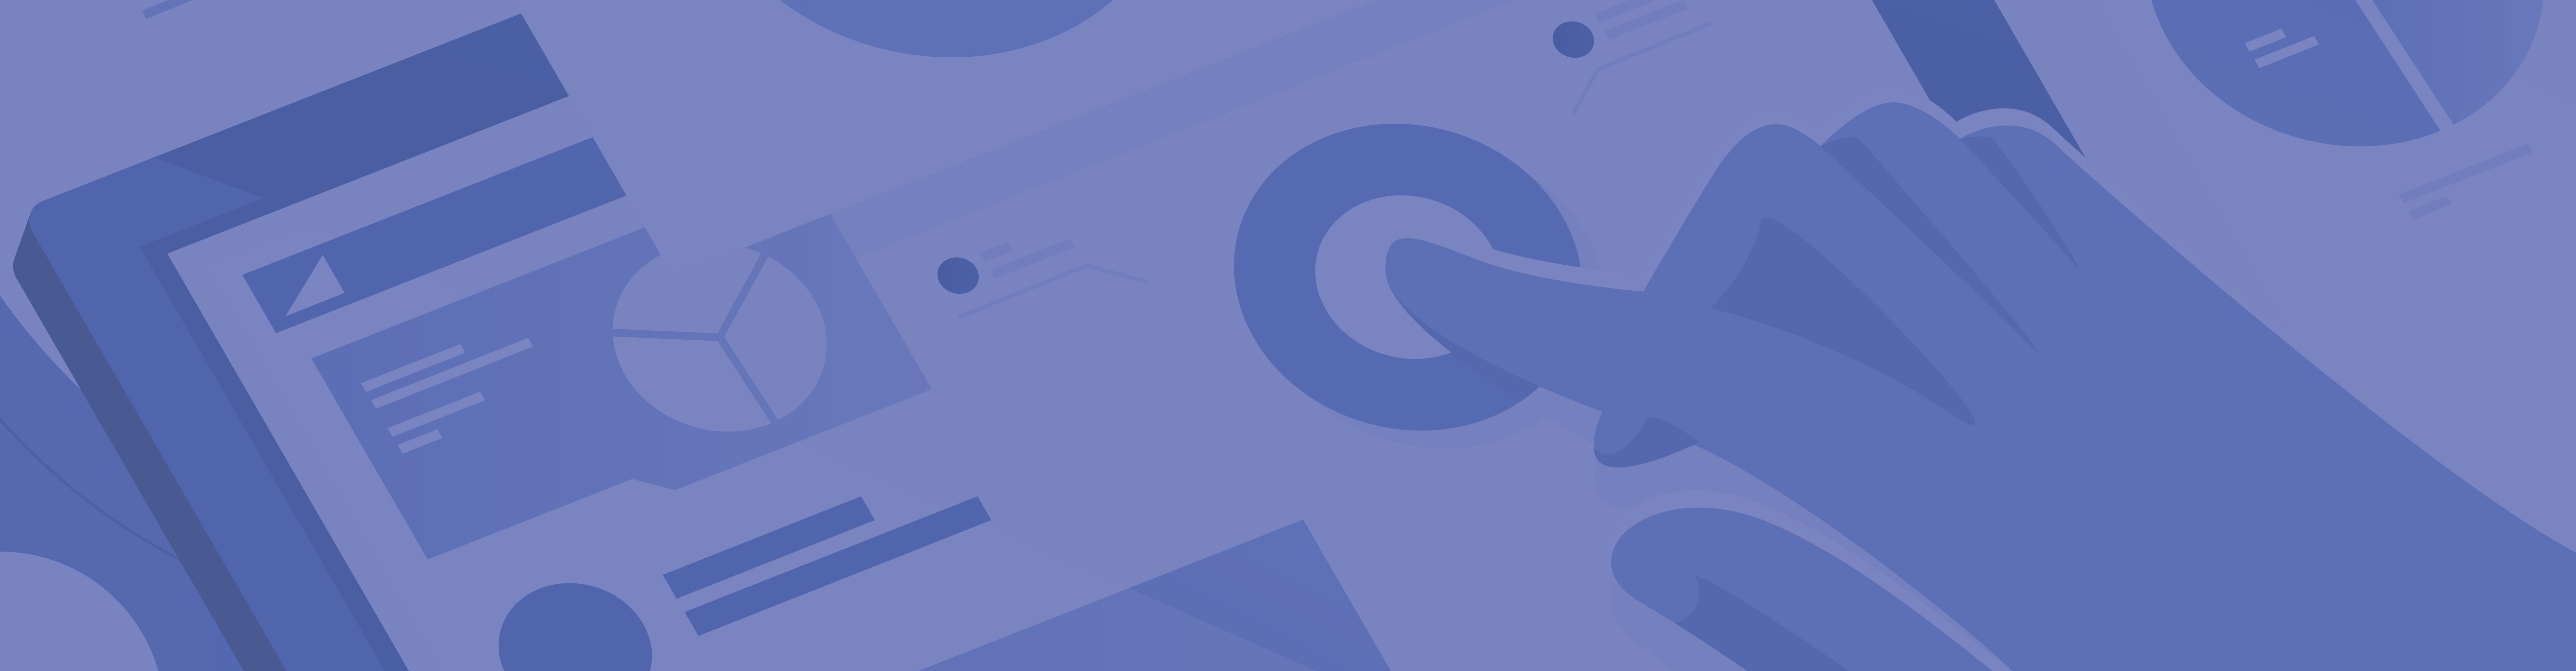 elm-pg-billboard-form SPJ-20-7276_-_SPJ_Feedback_Agency_Press_Release_FOLLOW-UP_Blog_Assets_blog_header